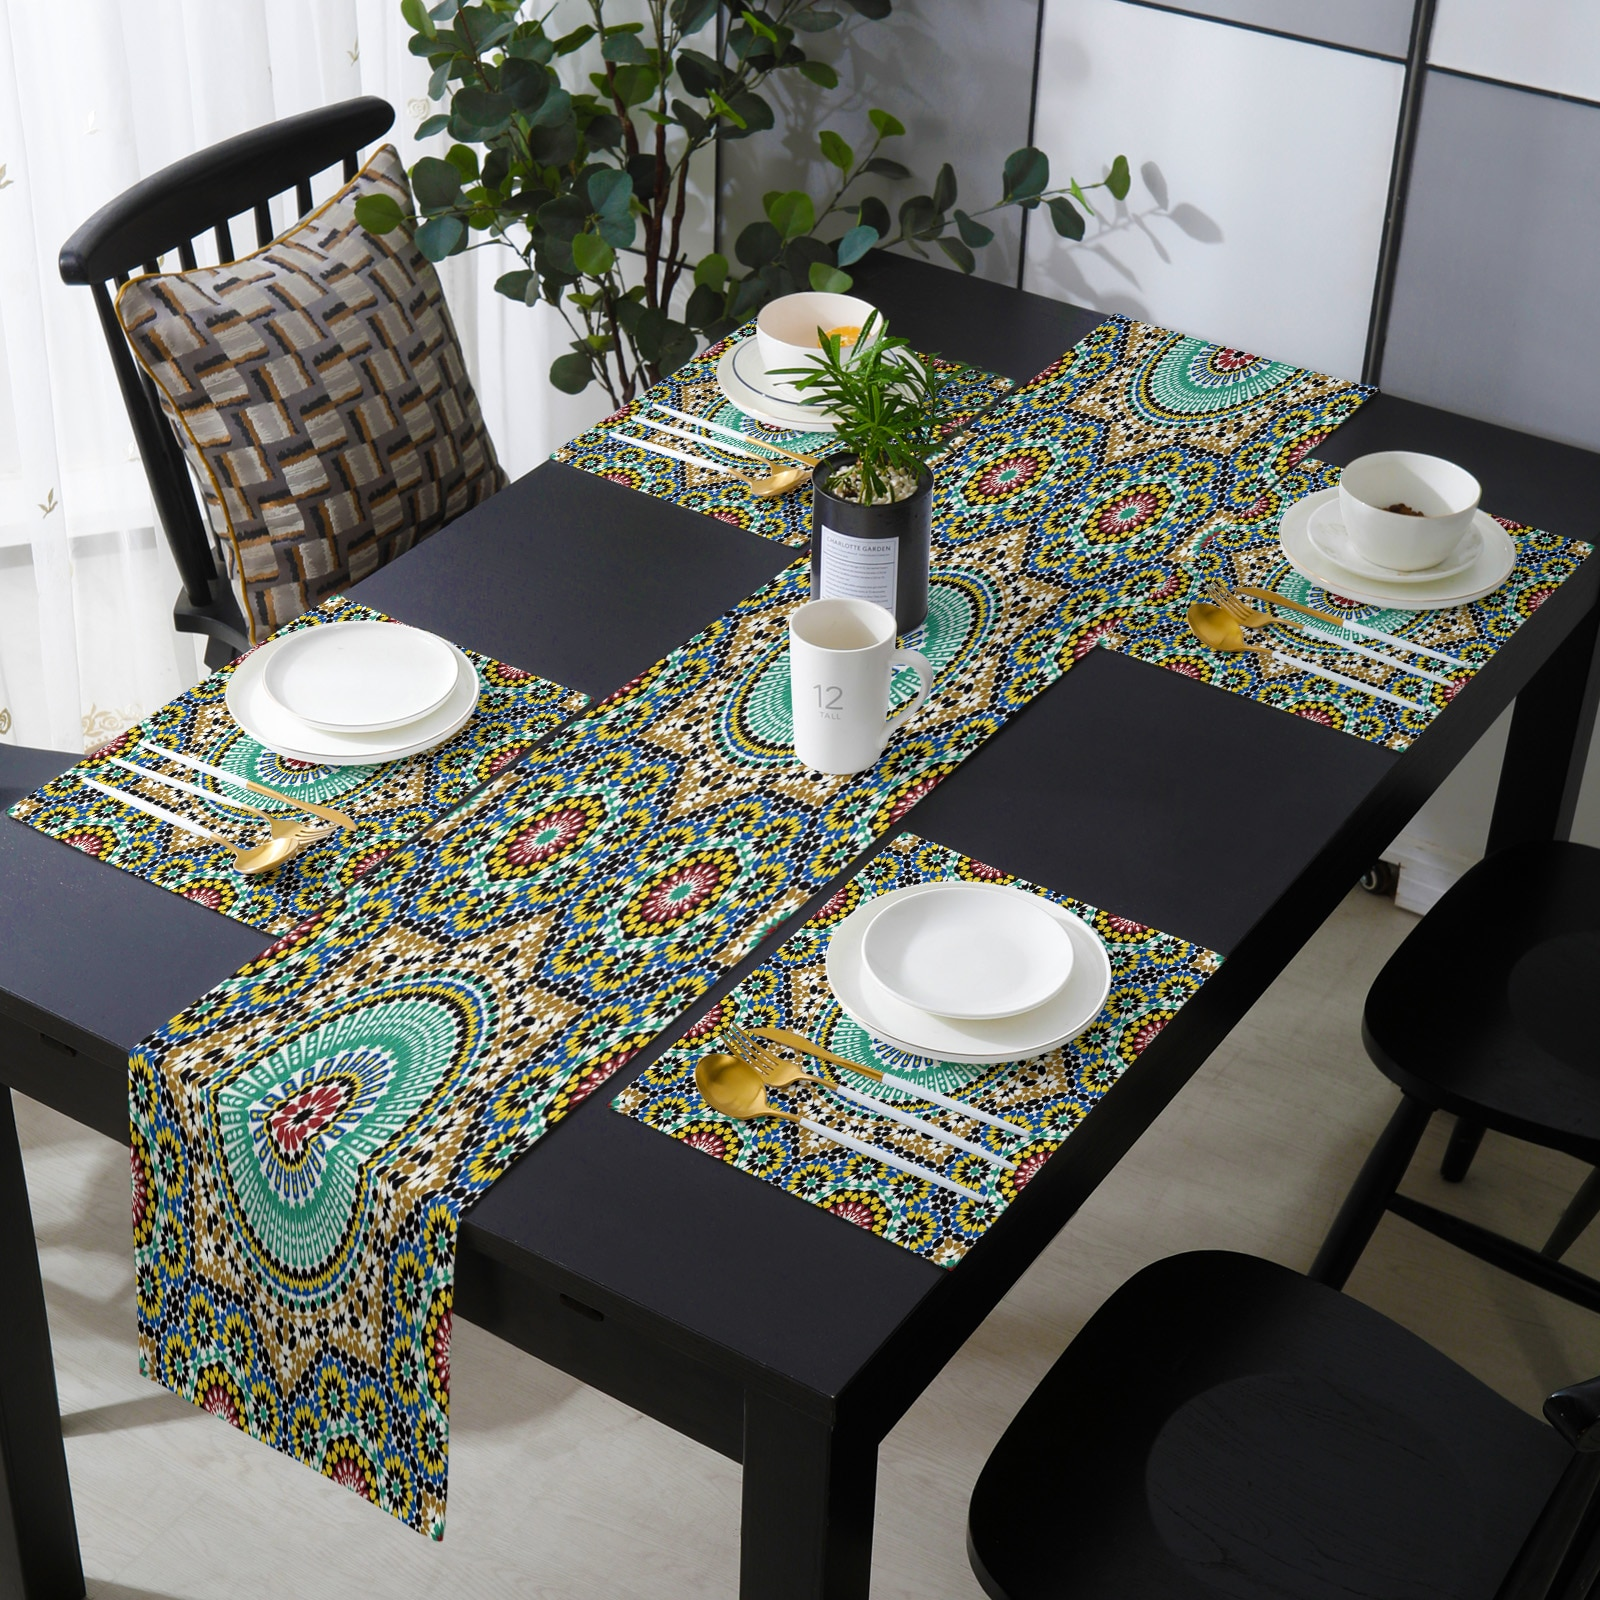 المغرب الزهور الملونة الأرابيسك الجدول عداء و المفارش مجموعة الزفاف الجدول الديكور الجدول عداء للمطبخ الطعام